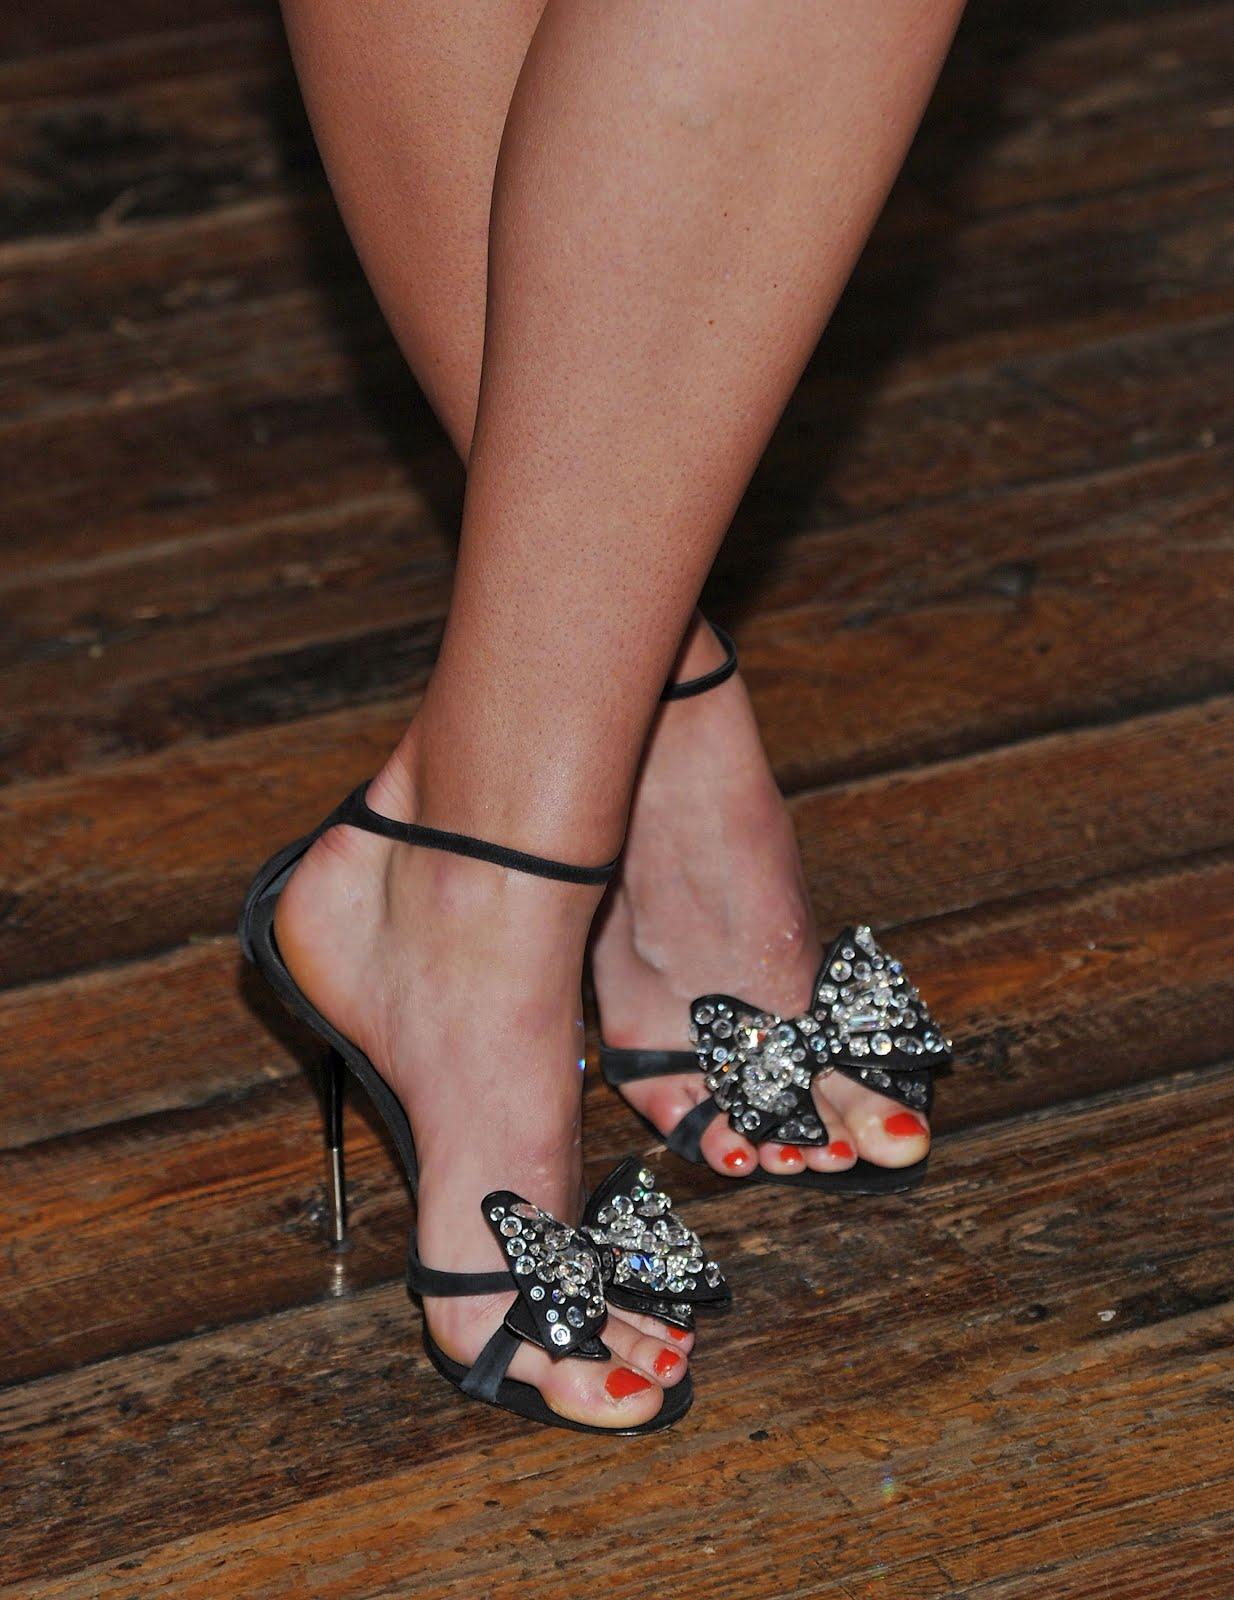 http://3.bp.blogspot.com/-ZYYdEJnZbwQ/UB9myddcx1I/AAAAAAAAAWE/RikaHU5lrLA/s1600/Maria_Sharapova_Feet_001.jpg